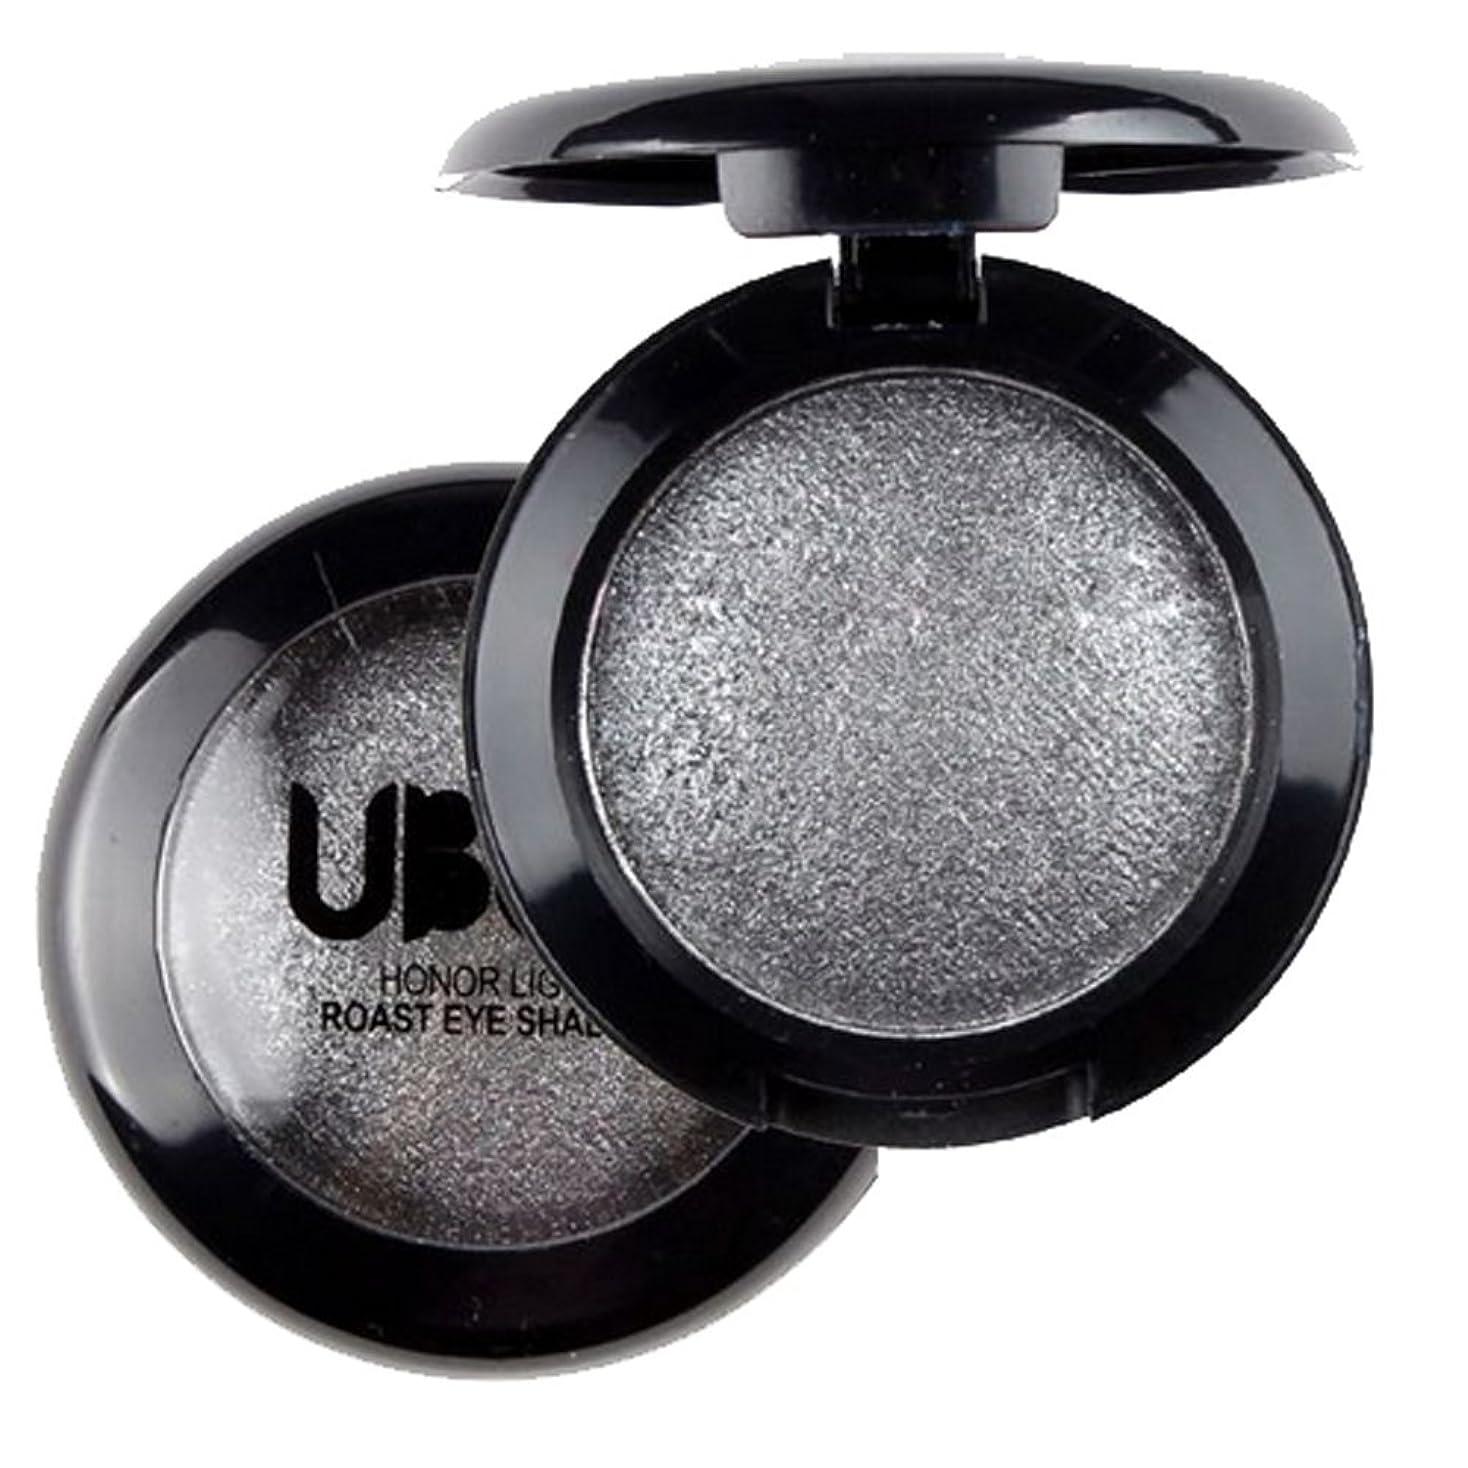 準備した影響力のある安価なアイシャドー YOKINO 多機能 明るい目効果 人気 化粧品 アイシャドウ 1色 可愛い円形 携帯便利 繊細な焼き粉 おしゃれ 素晴らしい発色 ハイライト 明るい目もと-Single Baked Eye Shadow (02#)